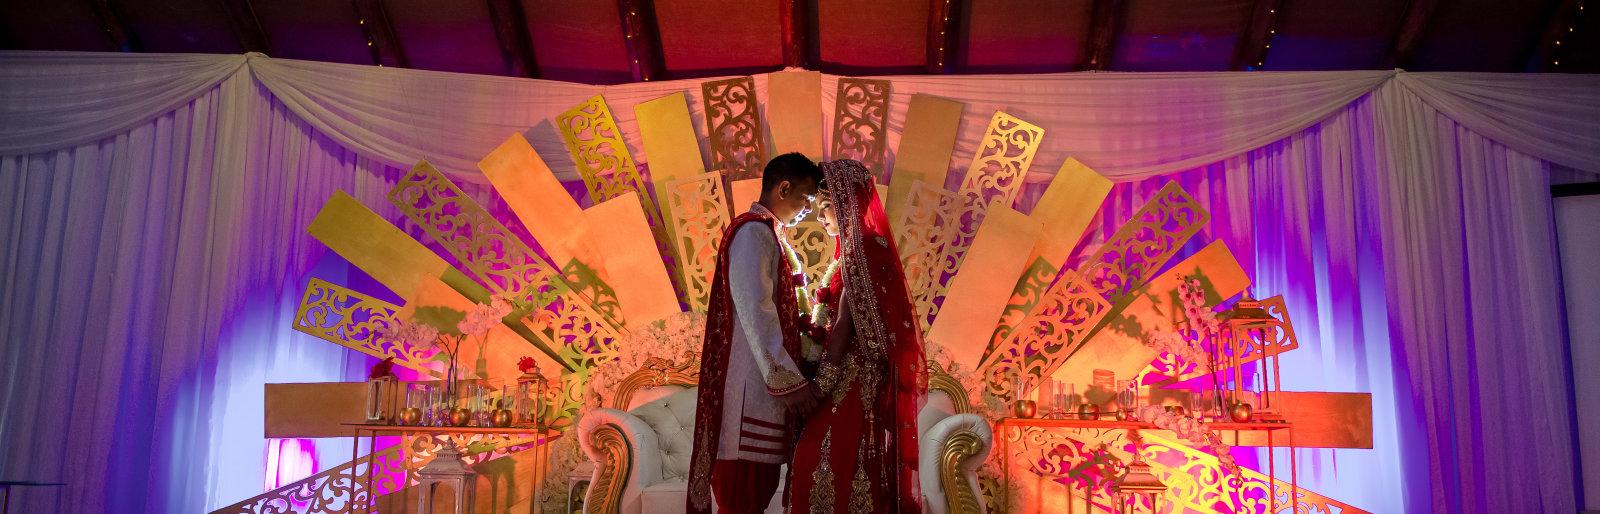 Ayuushi Dwarika-Rajbansi